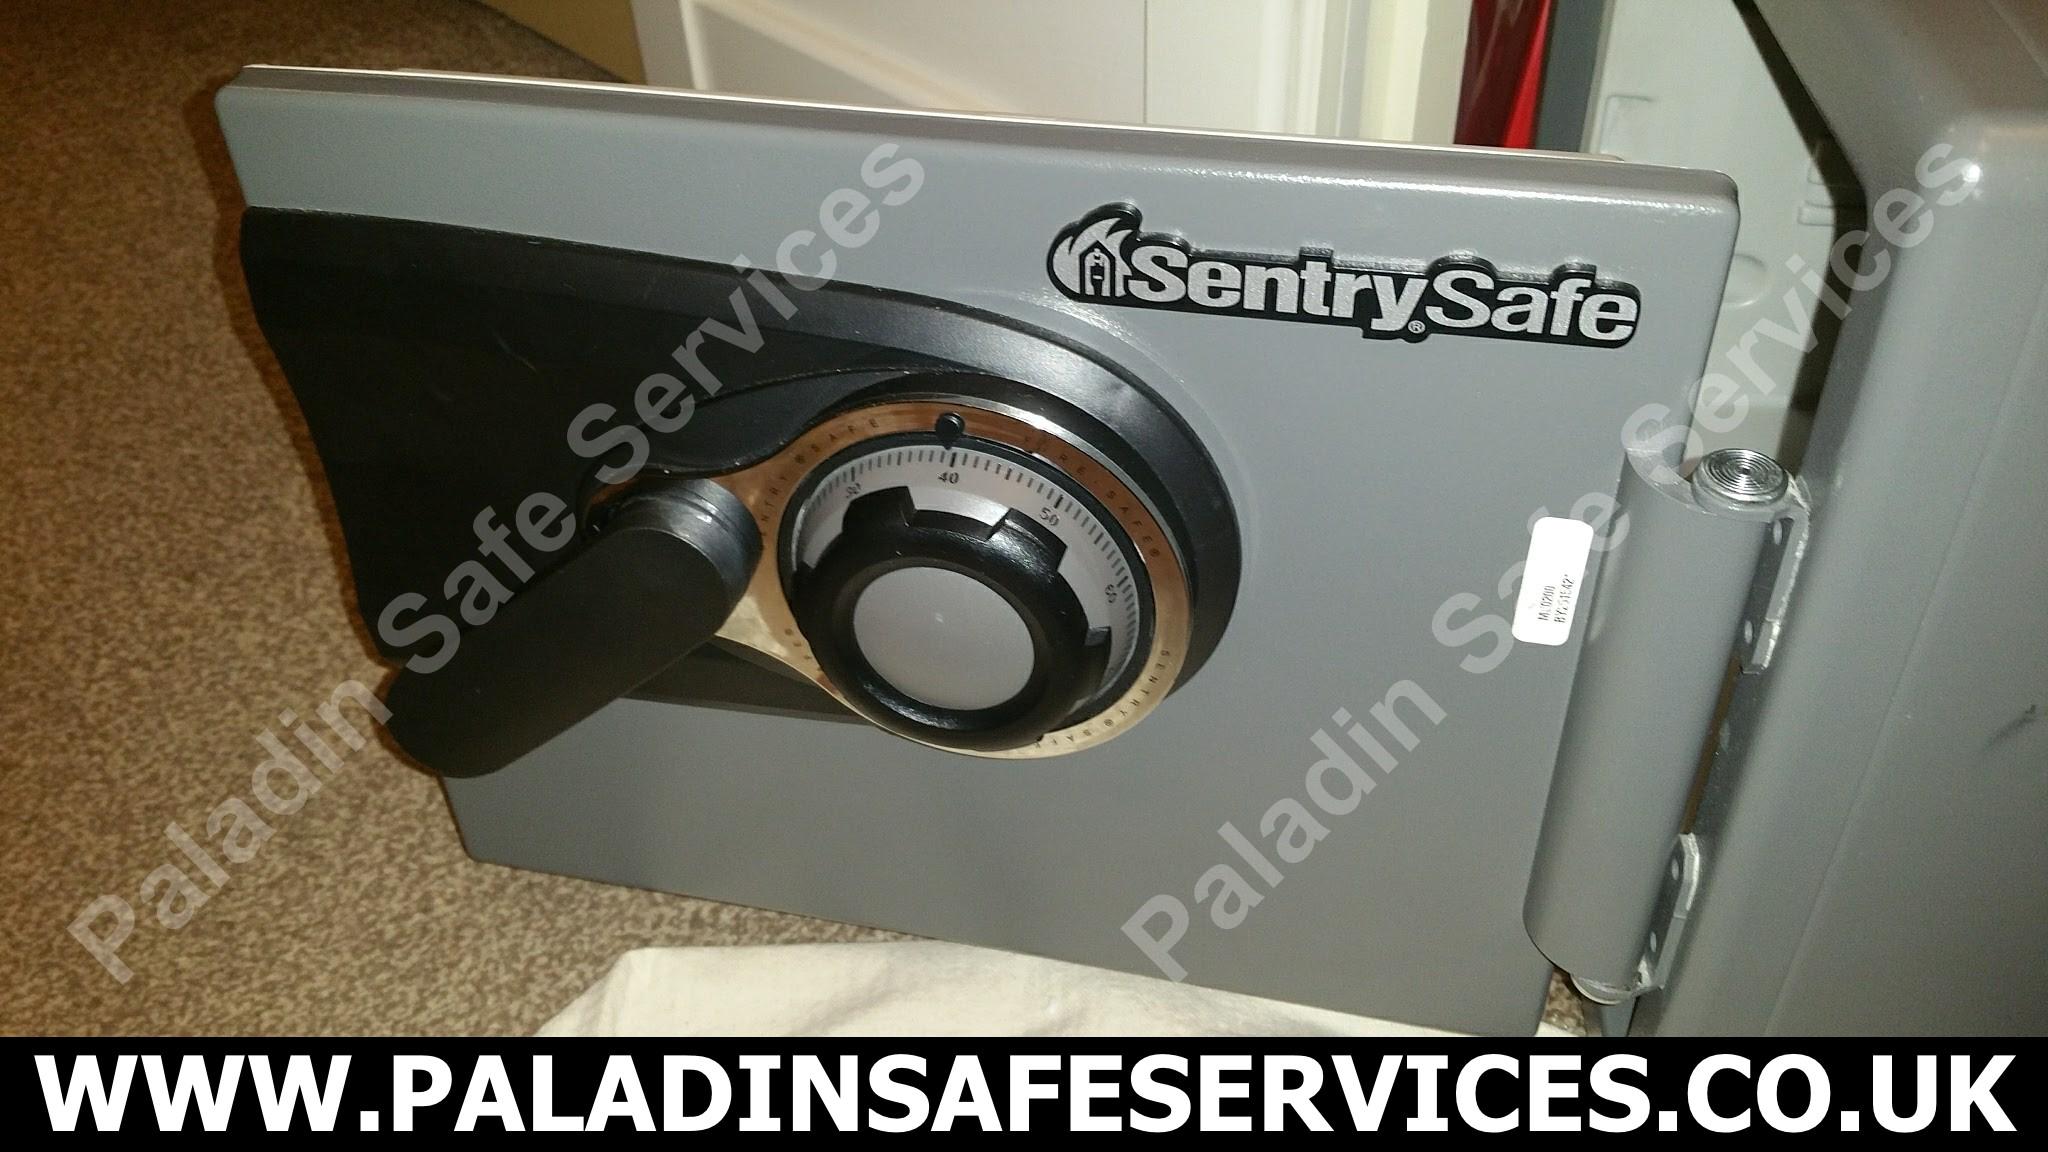 sentry archives paladin safe services. Black Bedroom Furniture Sets. Home Design Ideas